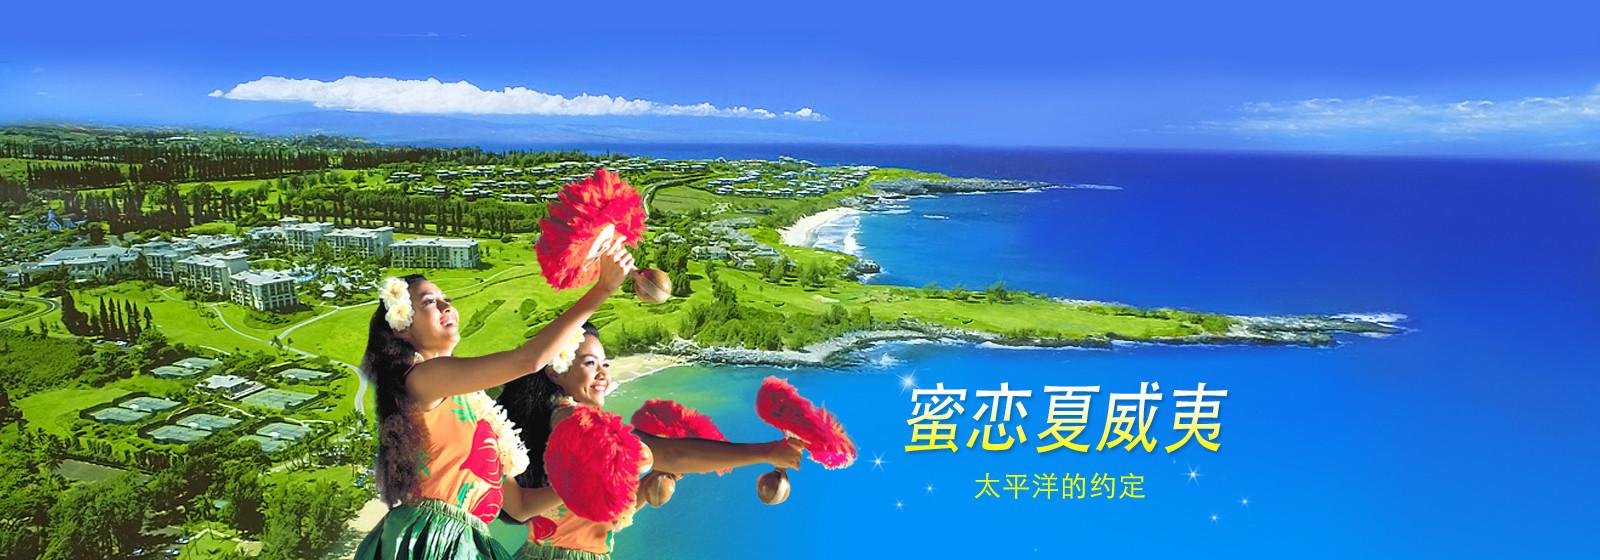 蜜恋夏威夷 太平洋的约定